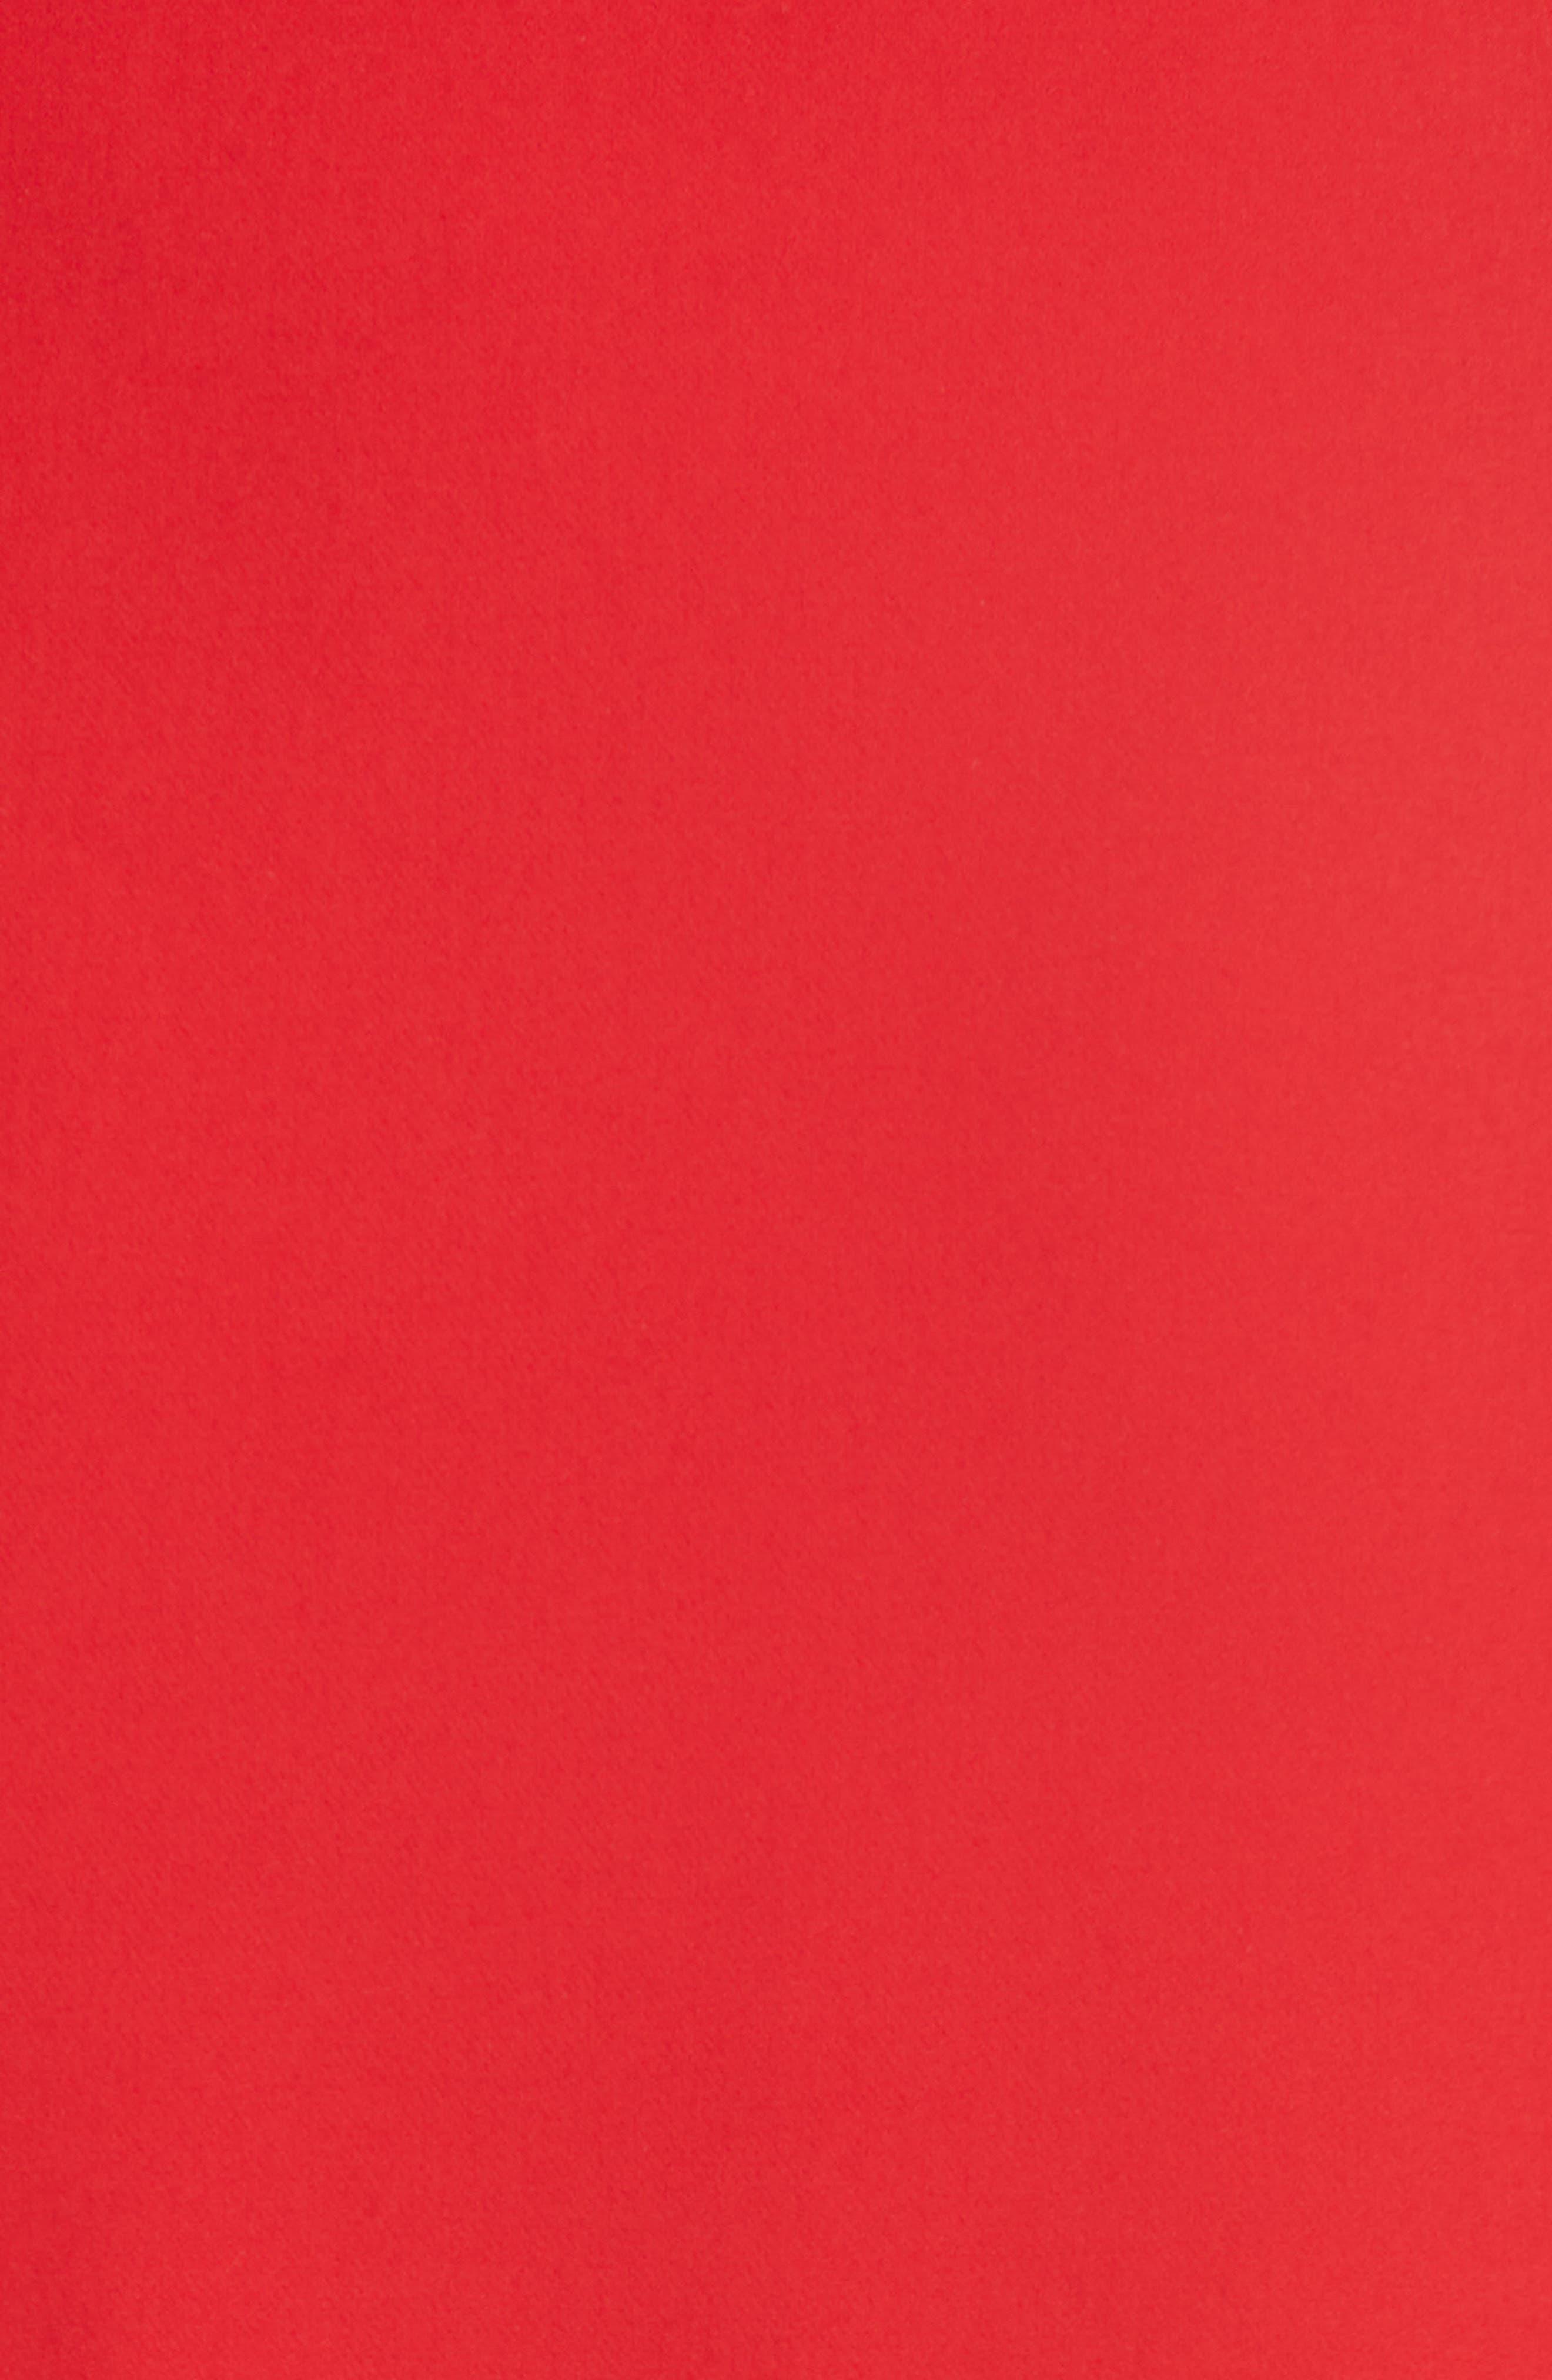 Italian Cady Maxi Skirt,                             Alternate thumbnail 5, color,                             607